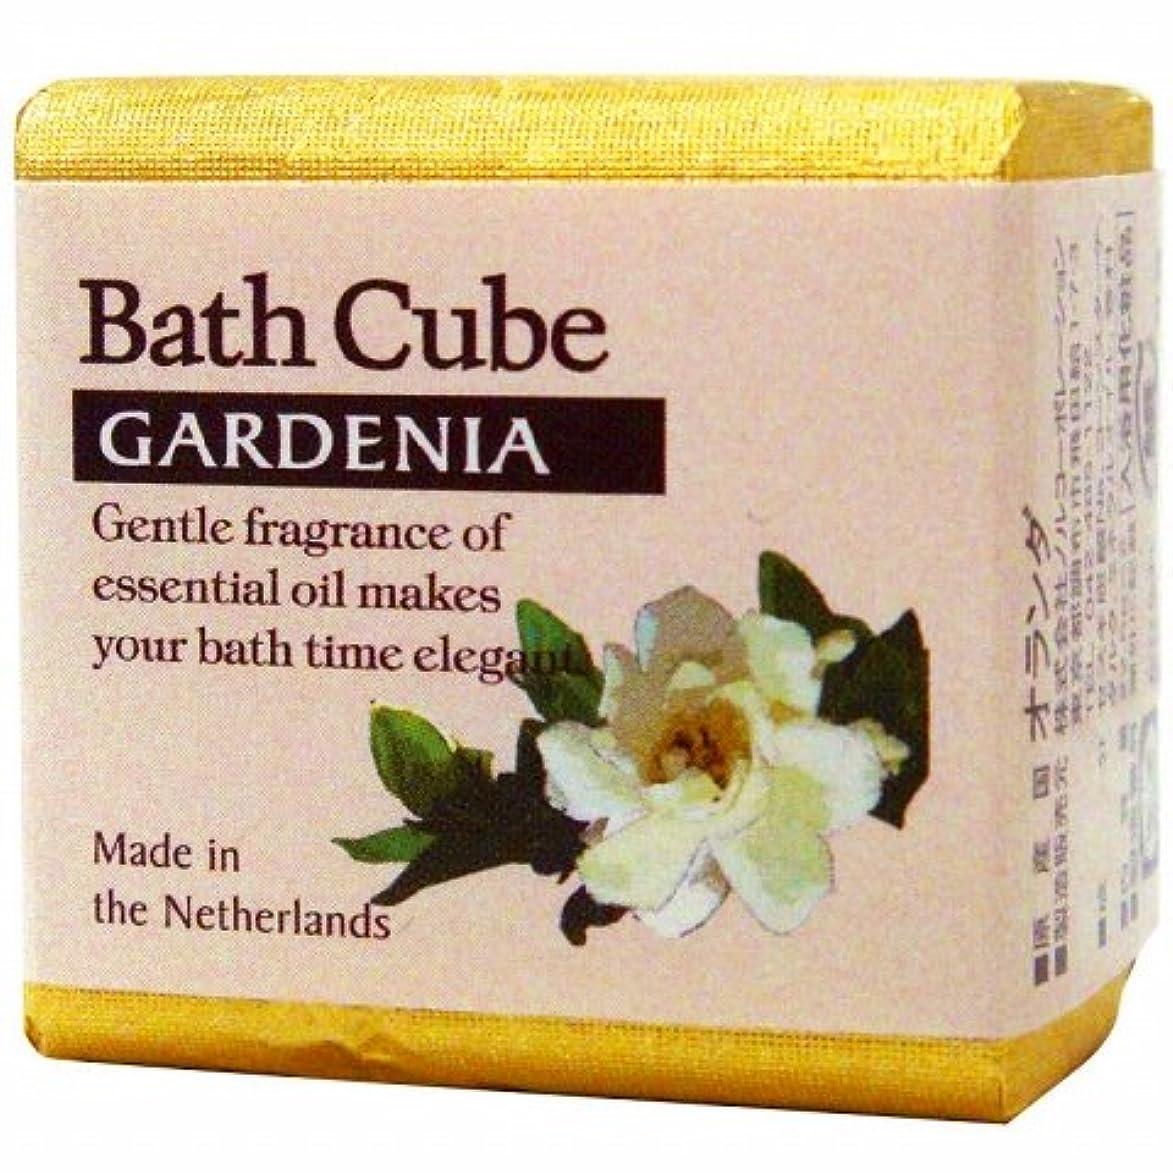 振幅かび臭い落とし穴フレグランスバスキューブ「ガーデニア」12個セット 甘く咲き誇るくちなしの花の香り